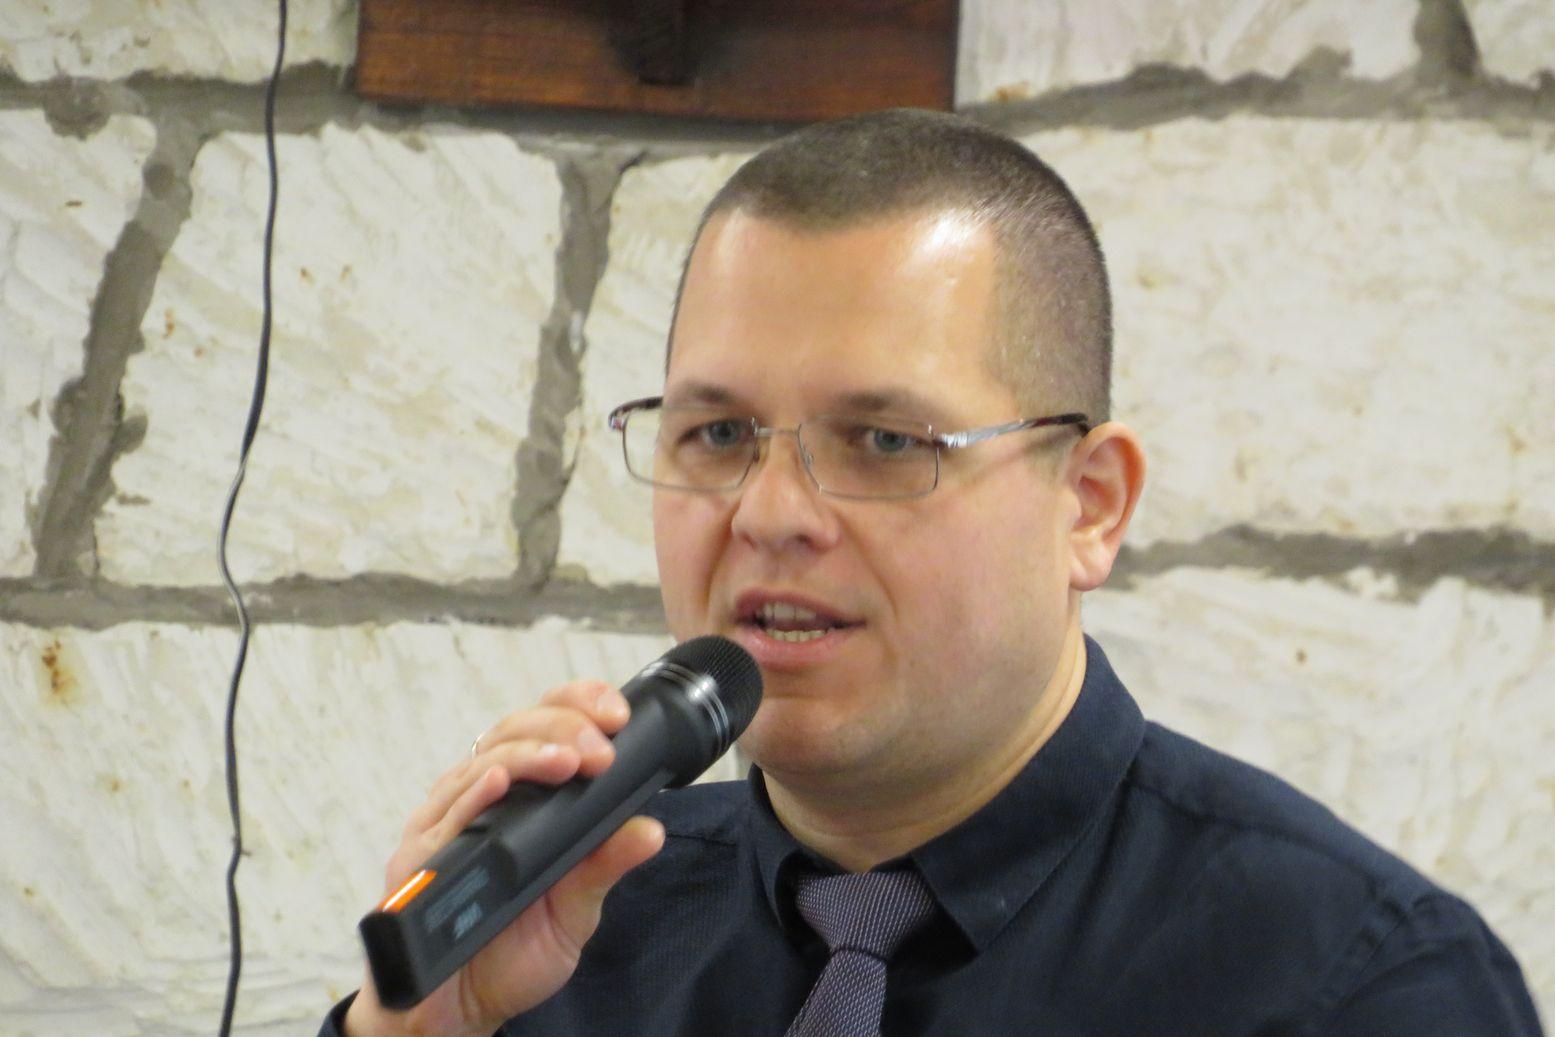 Zjazd - prawnik SDP